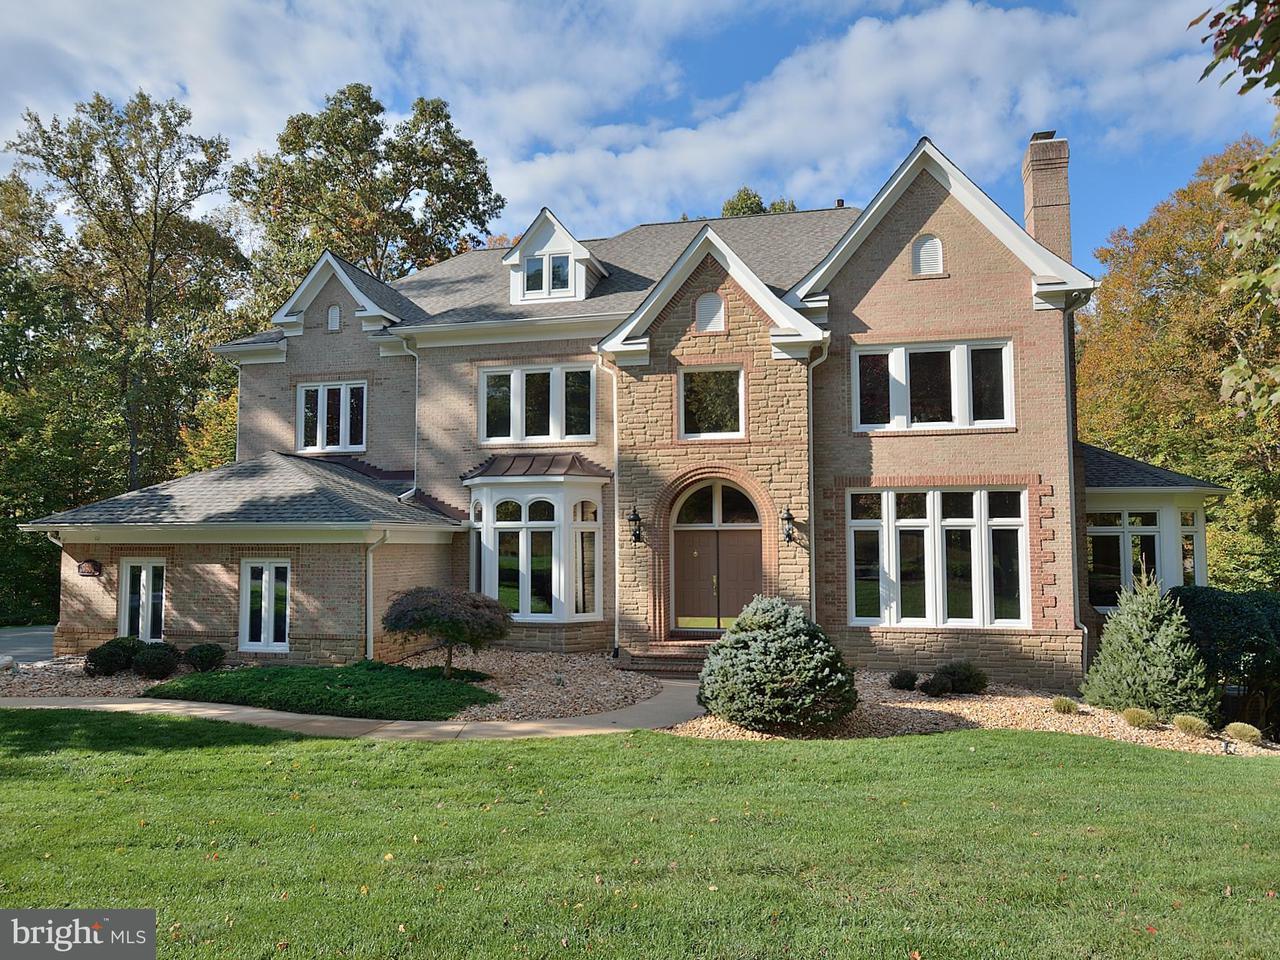 Maison unifamiliale pour l Vente à 9804 Thorn Bush Drive 9804 Thorn Bush Drive Fairfax Station, Virginia 22039 États-Unis